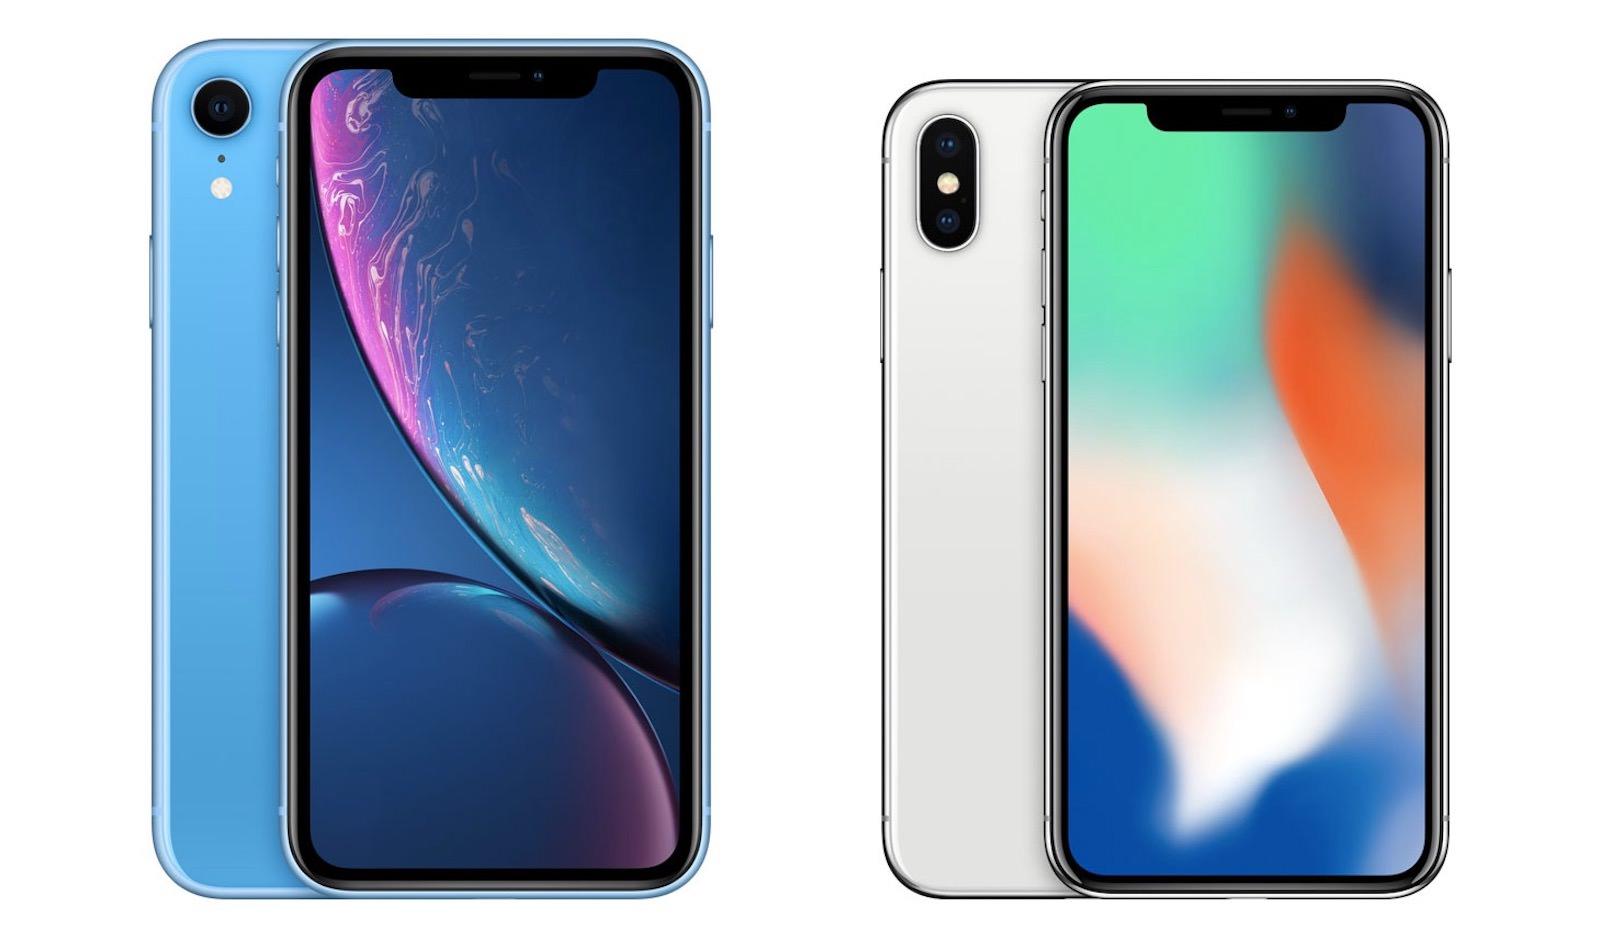 iphone-xr-x-comparison.jpg